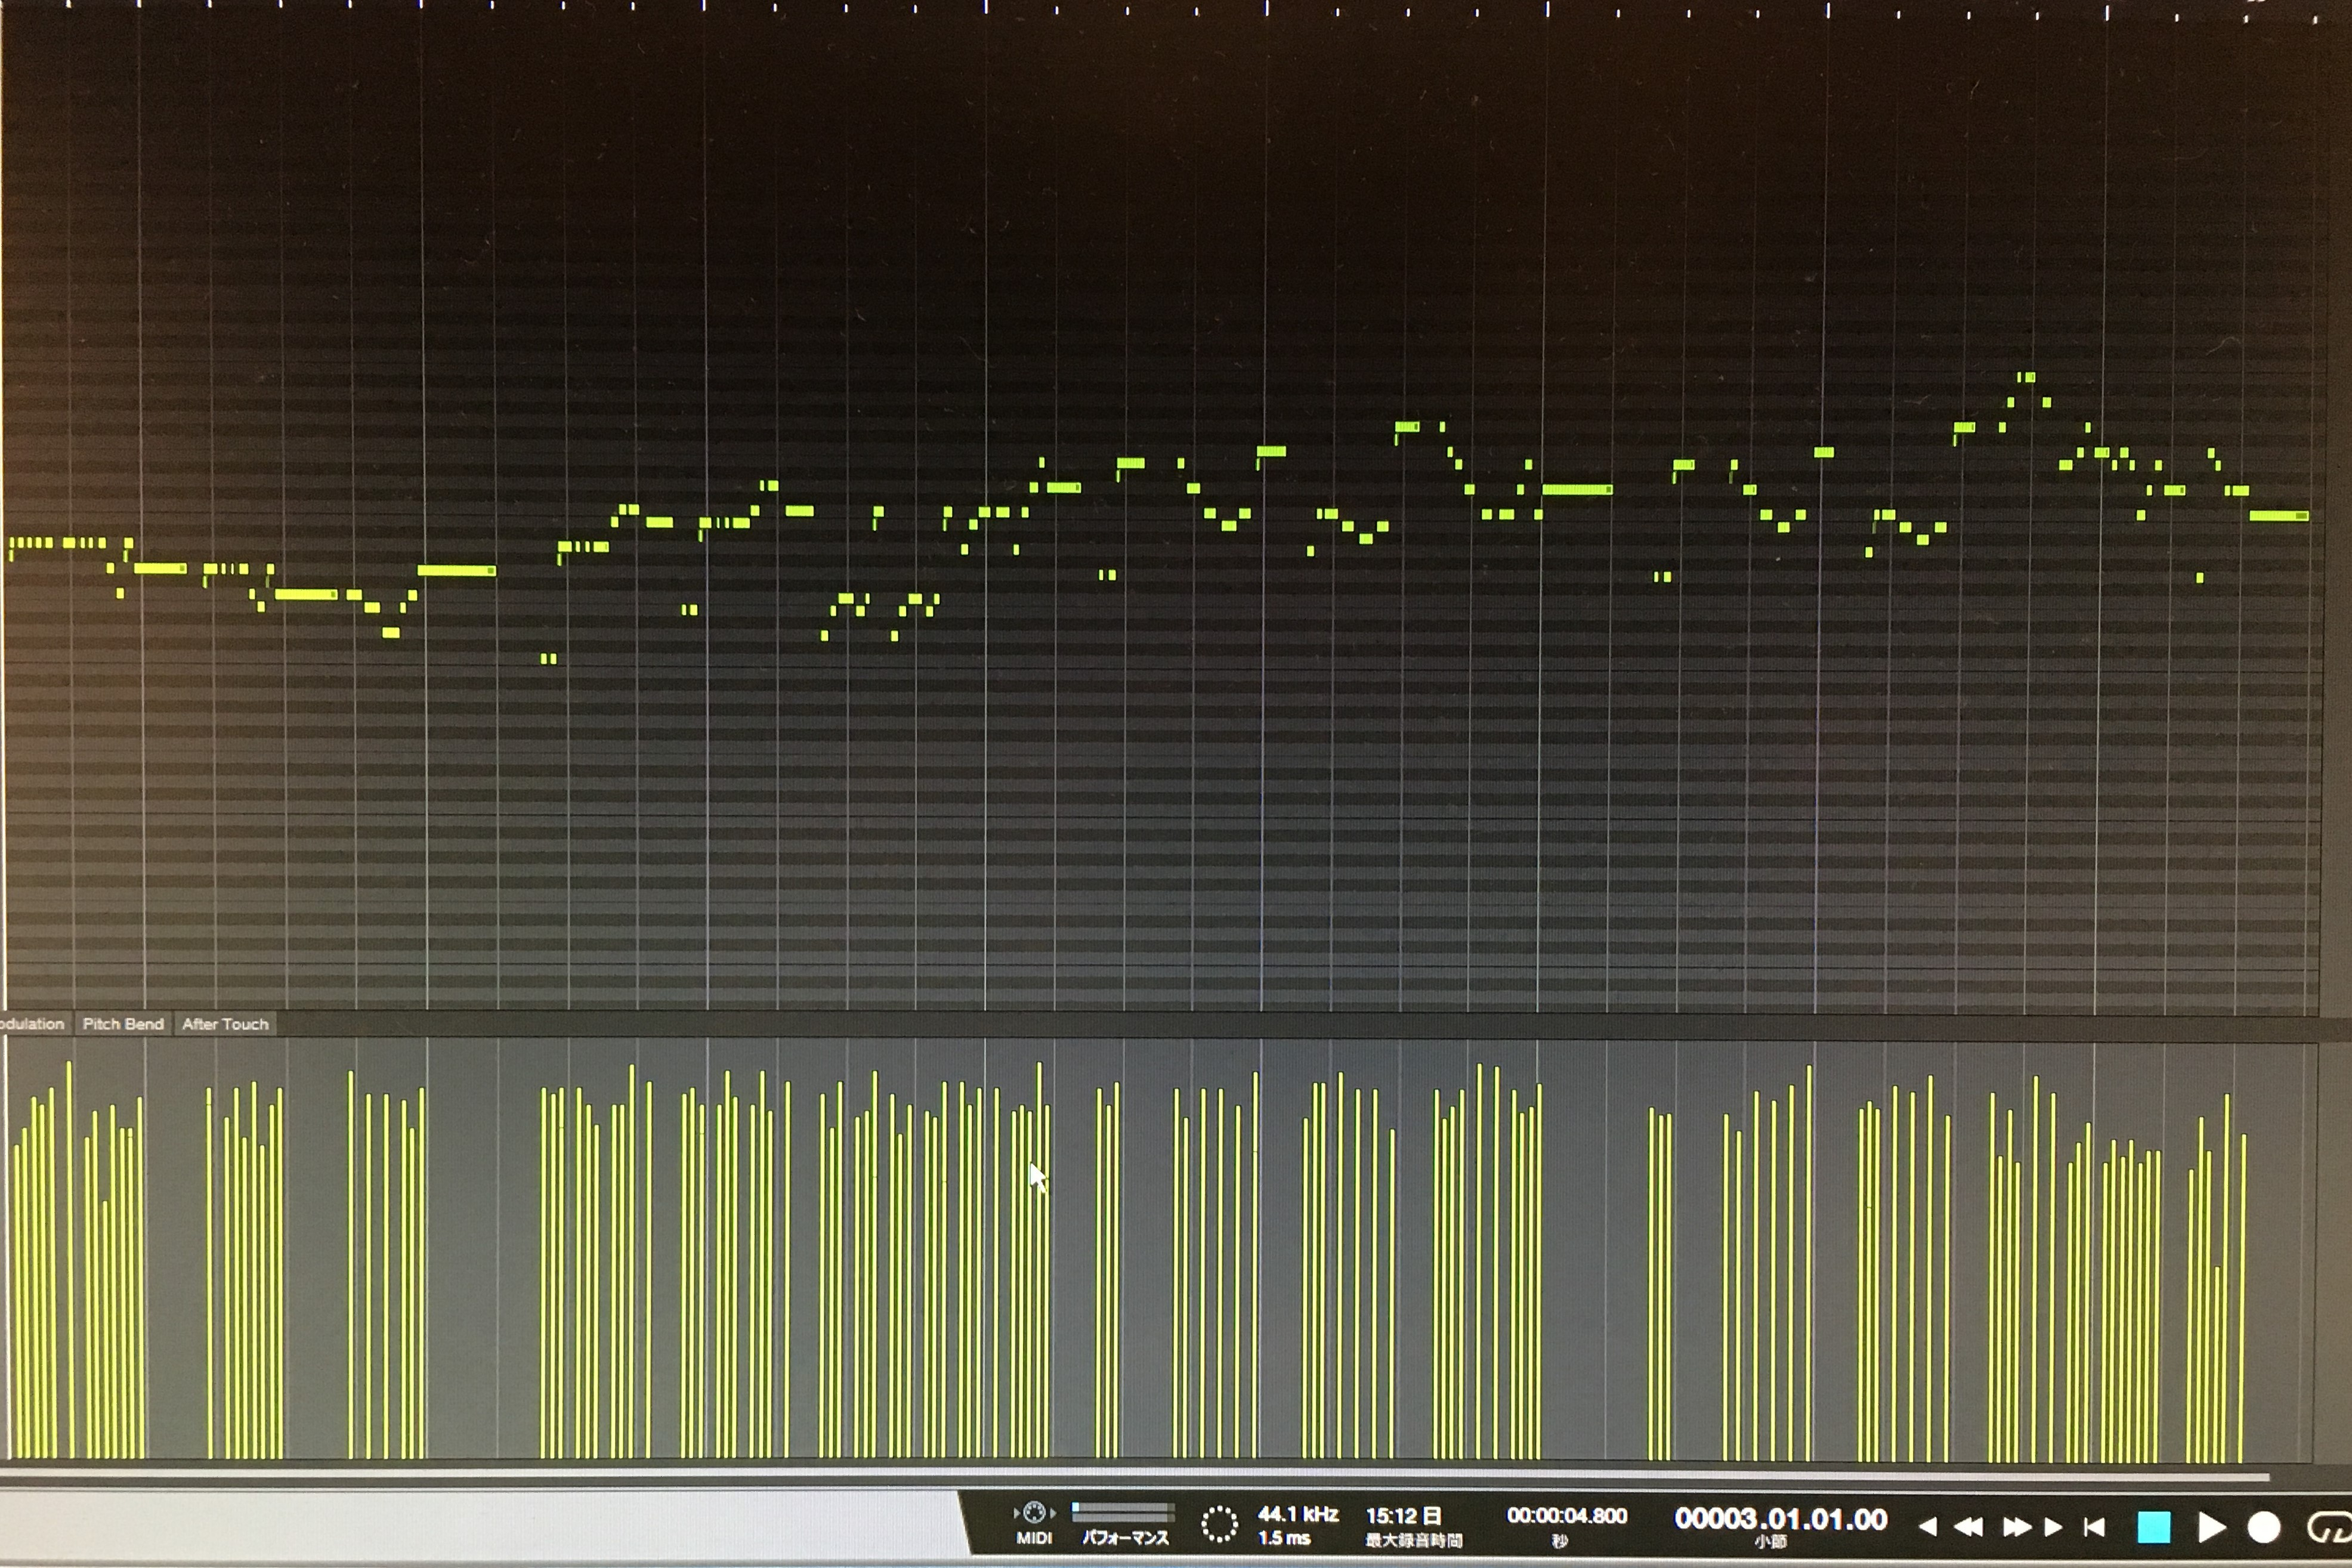 100曲コピー編 会費(6ヶ月) - 画像3